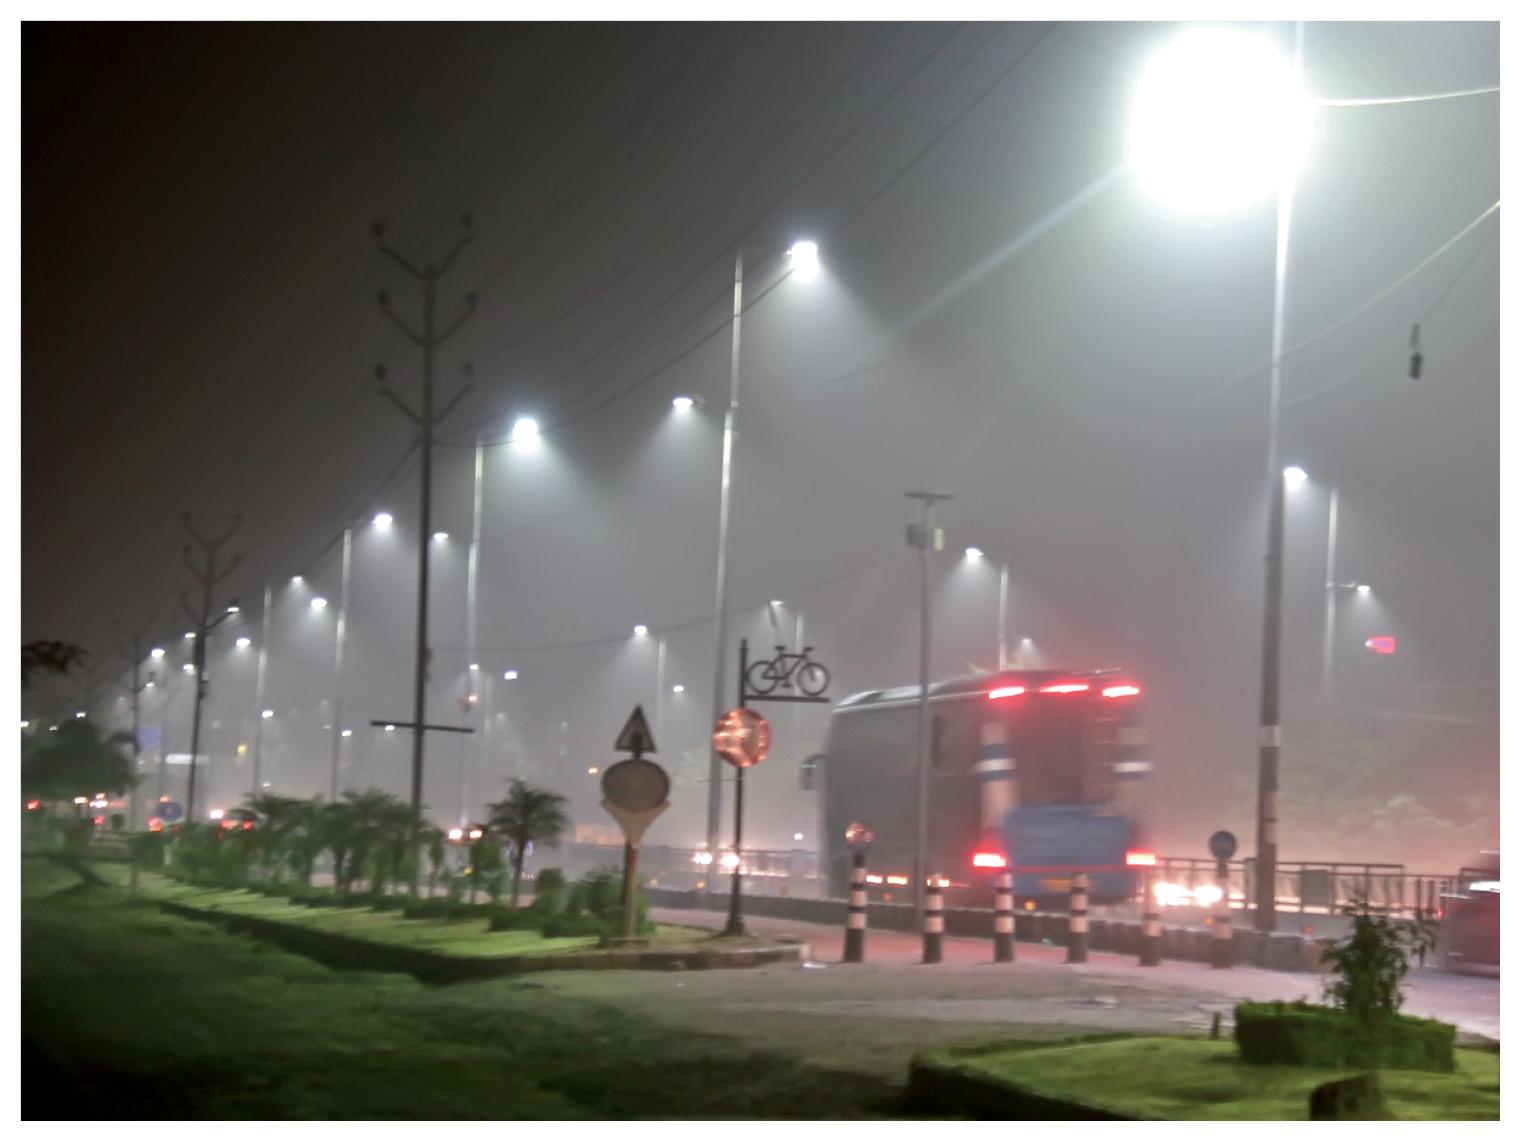 गुरुवार रात 10.45 बजे की फोटो भोपाल के होशंगाबाद रोड की है।